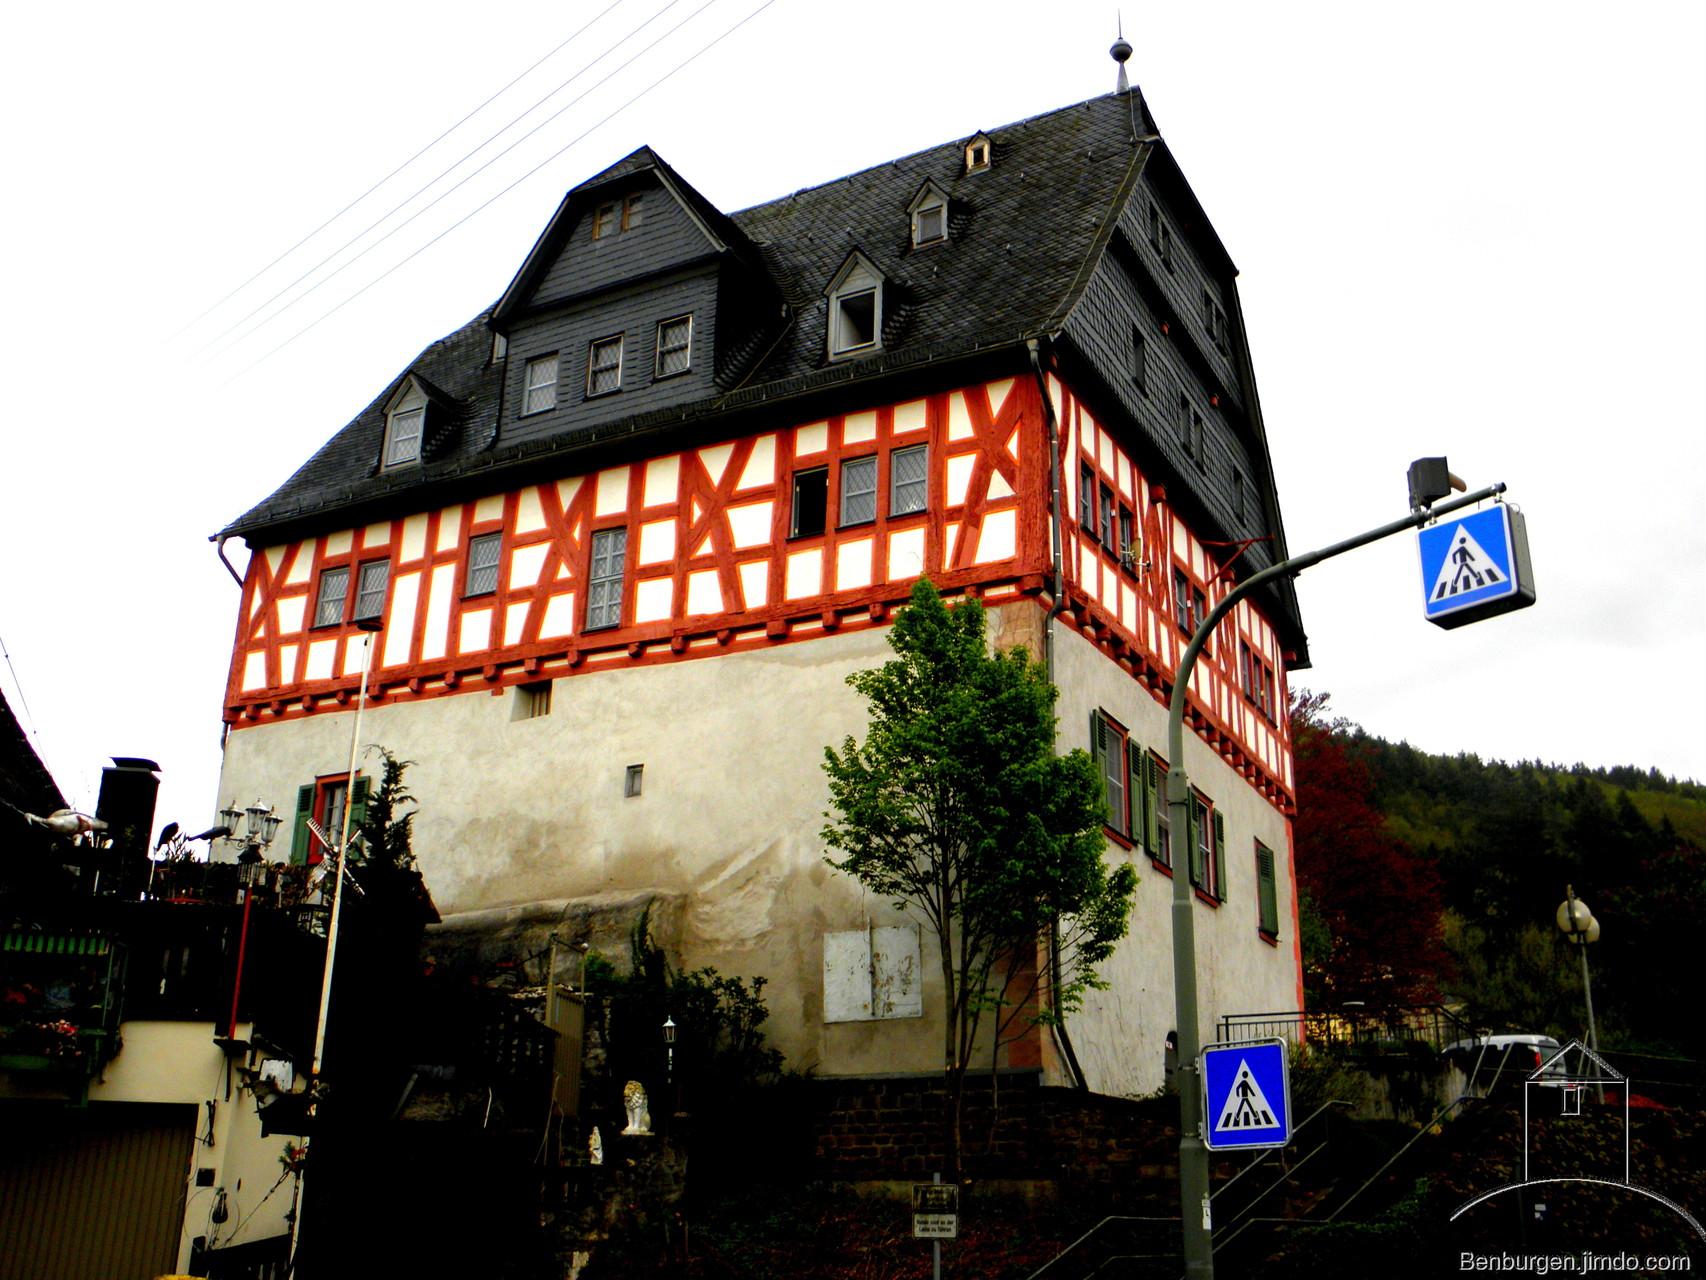 Nassau-Weilburgsche Rezeptur bei Bergnassau